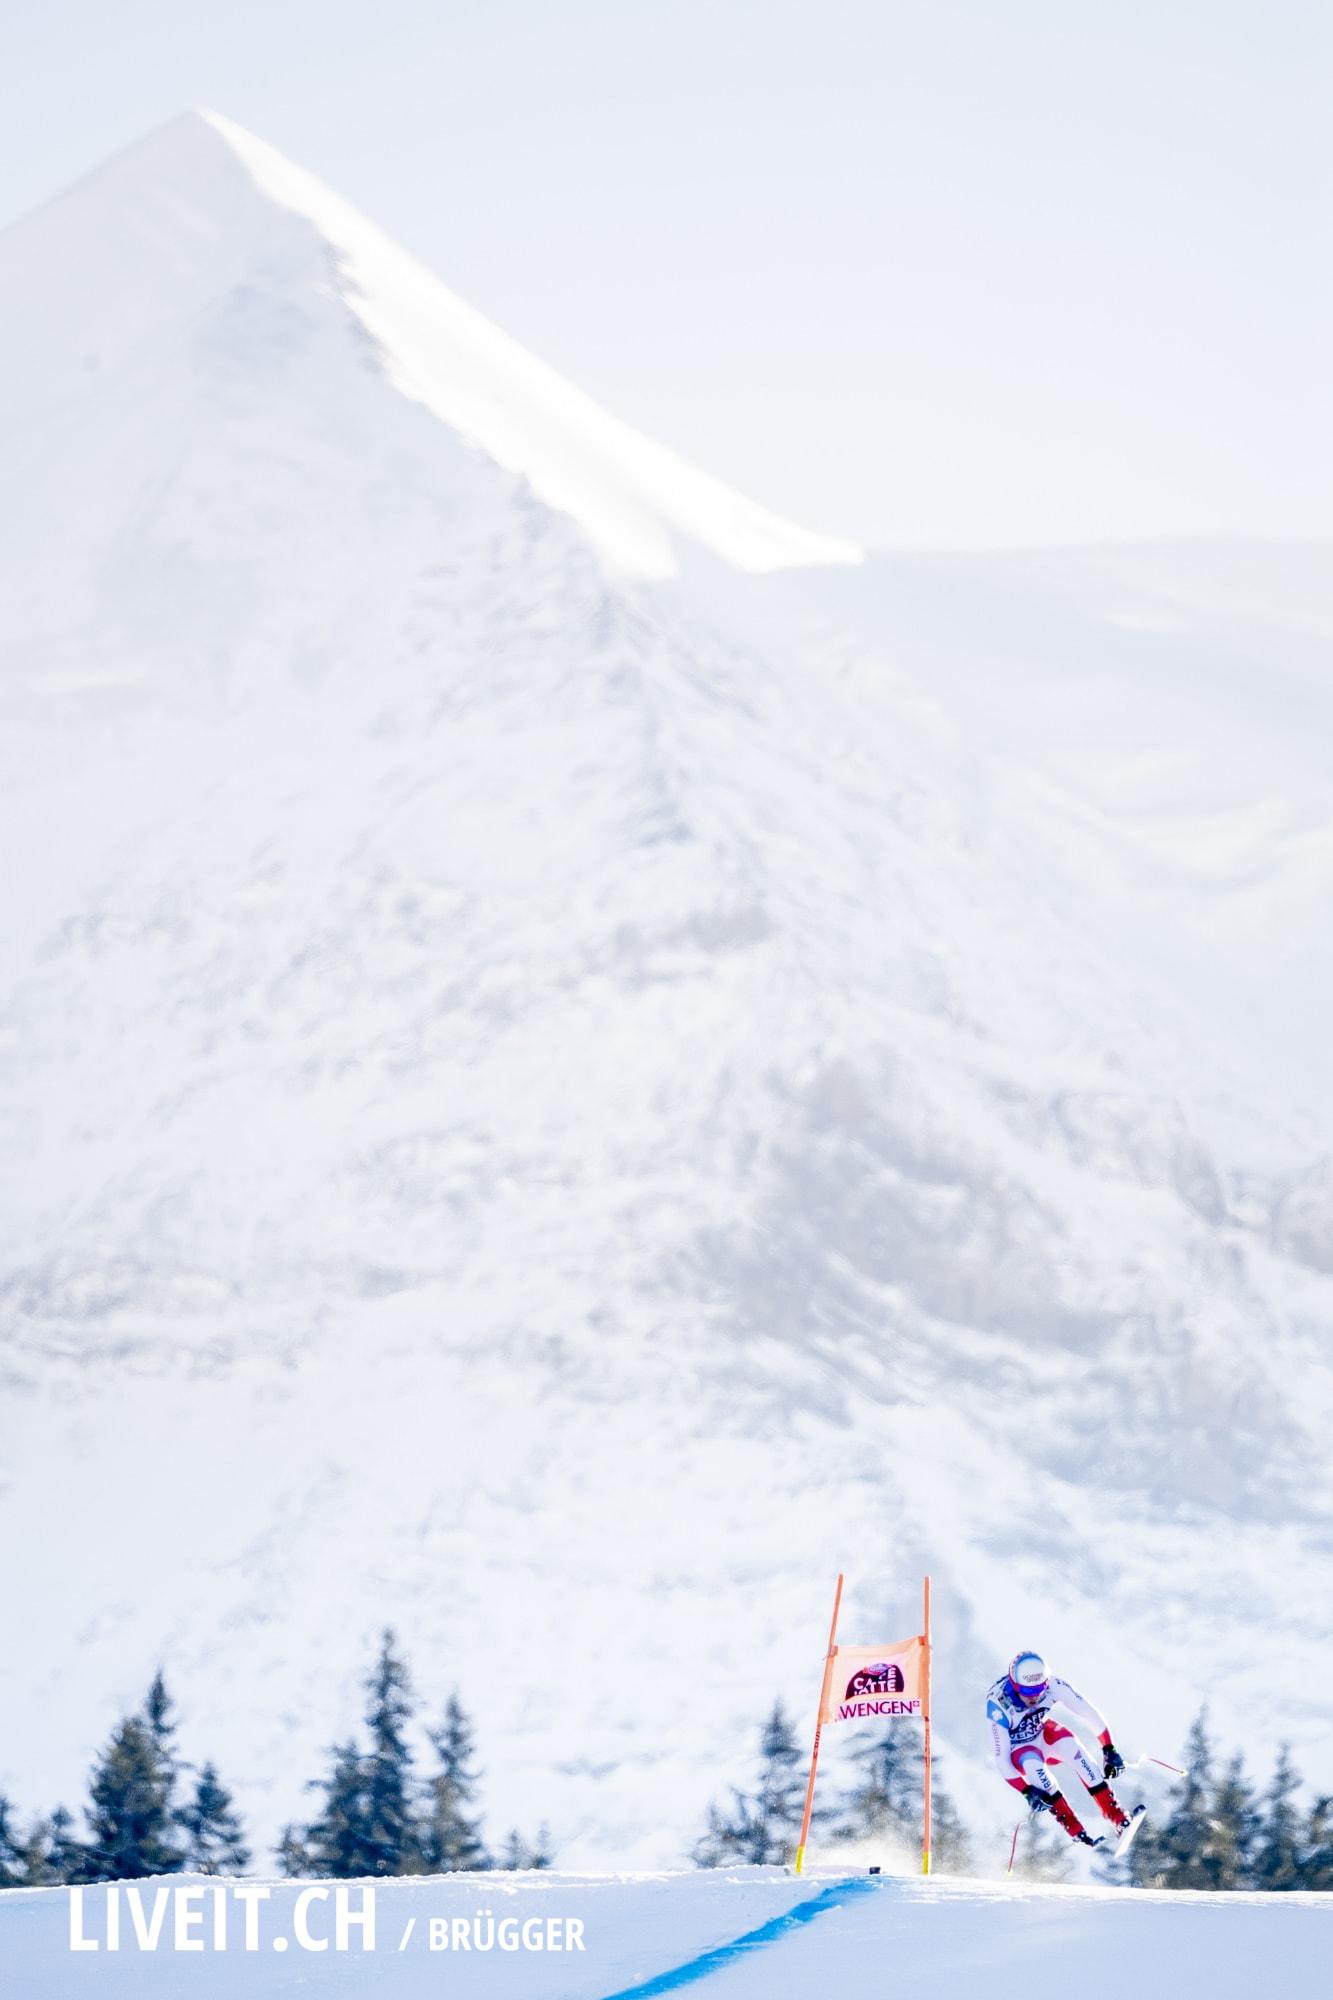 Mauro Caviezel (SUI) fotografiert am Samstag, 19. Januar 2019 am Lauberhornrennen in der Disziplin: Abfahrt. (Fotografiert von Dominic Bruegger liveit.ch)